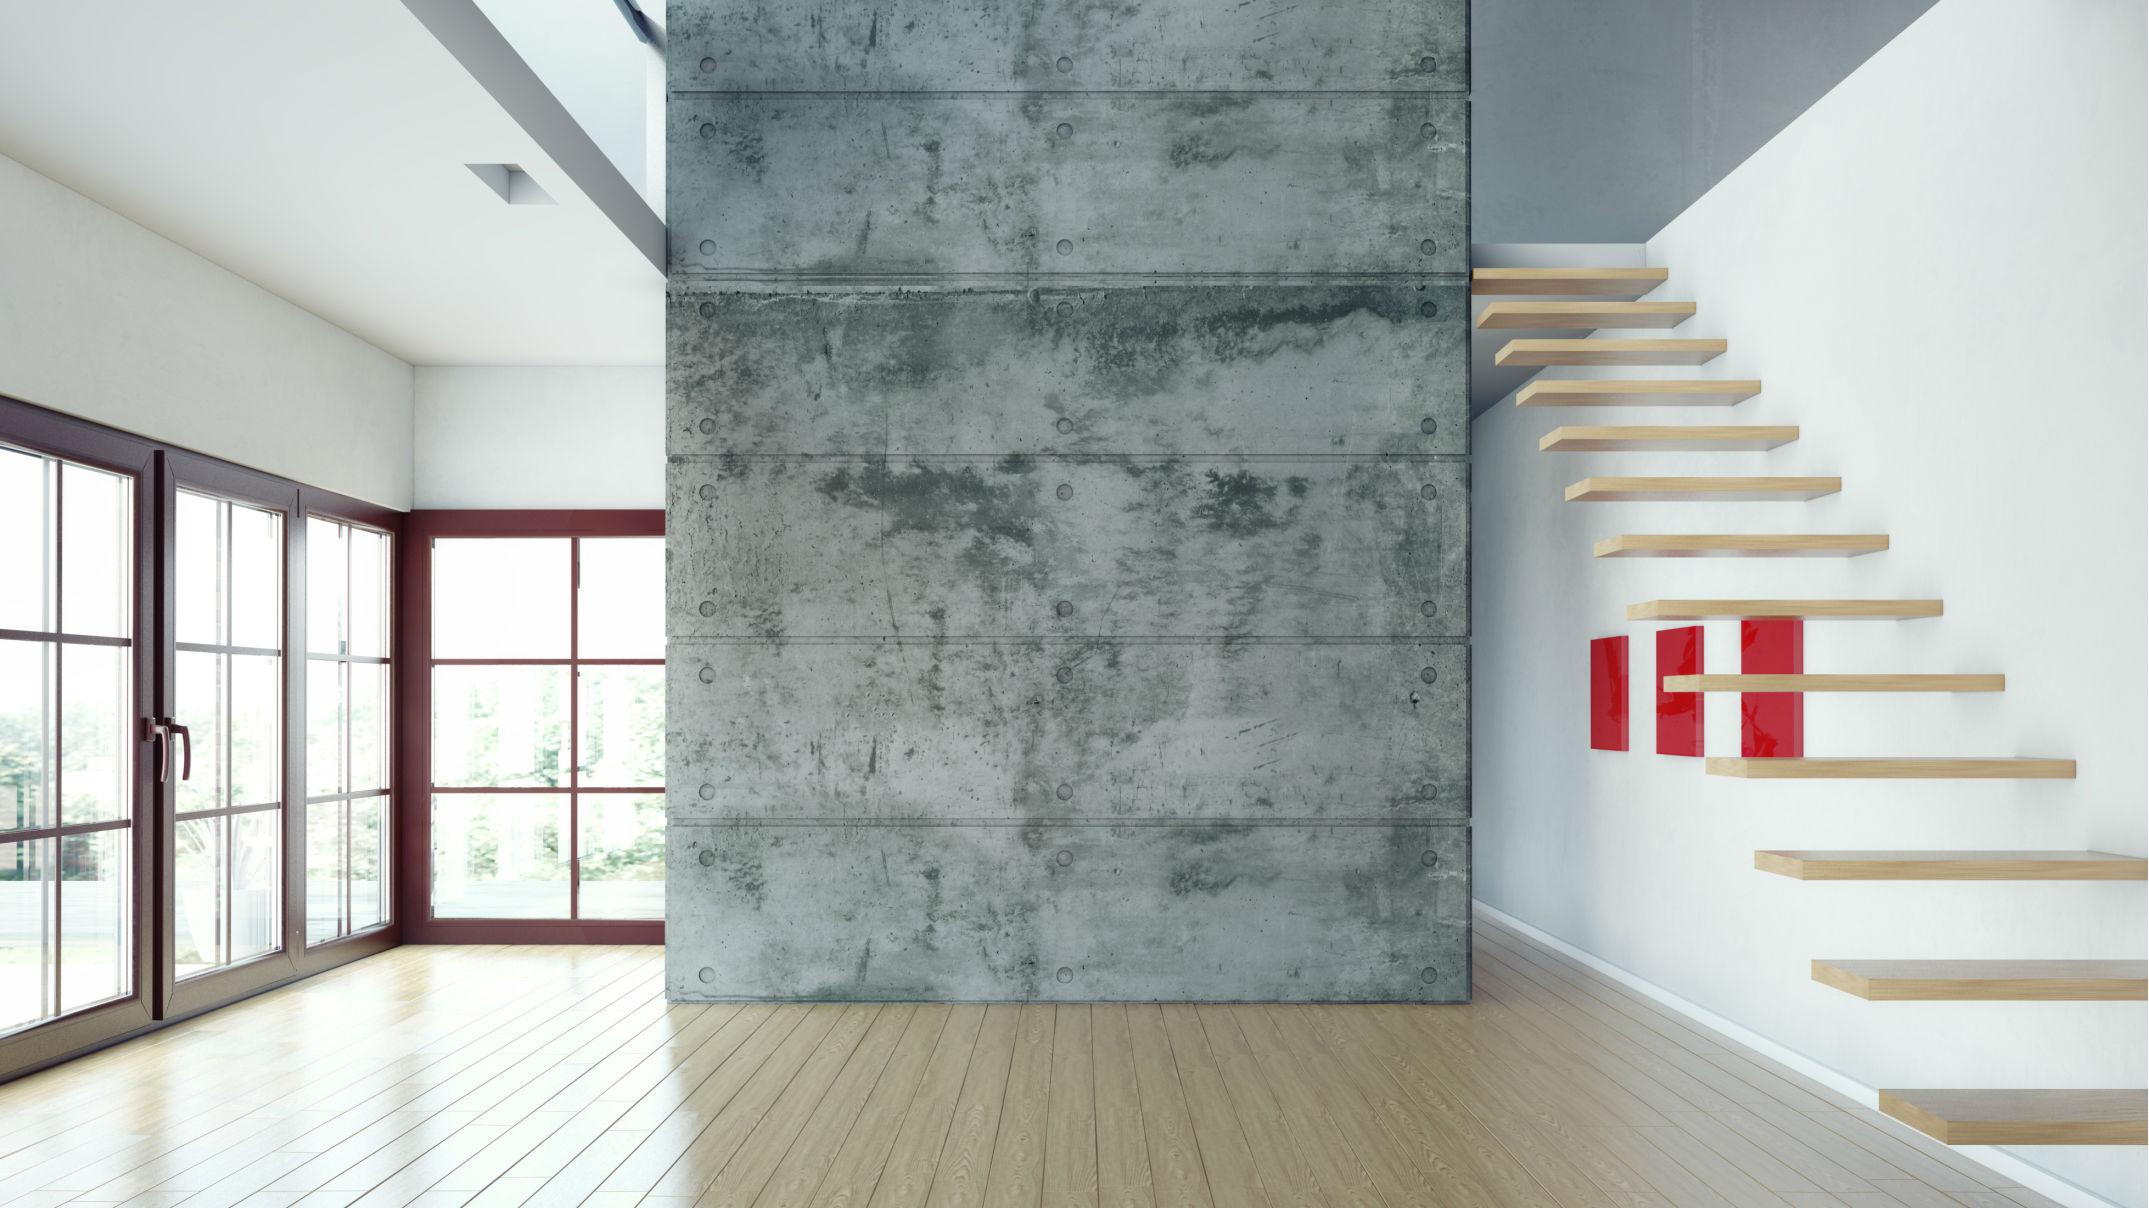 3f6fc6c83b4560 Beton architektoniczny – jak go wykorzystać we wnętrzu? - Allegro.pl